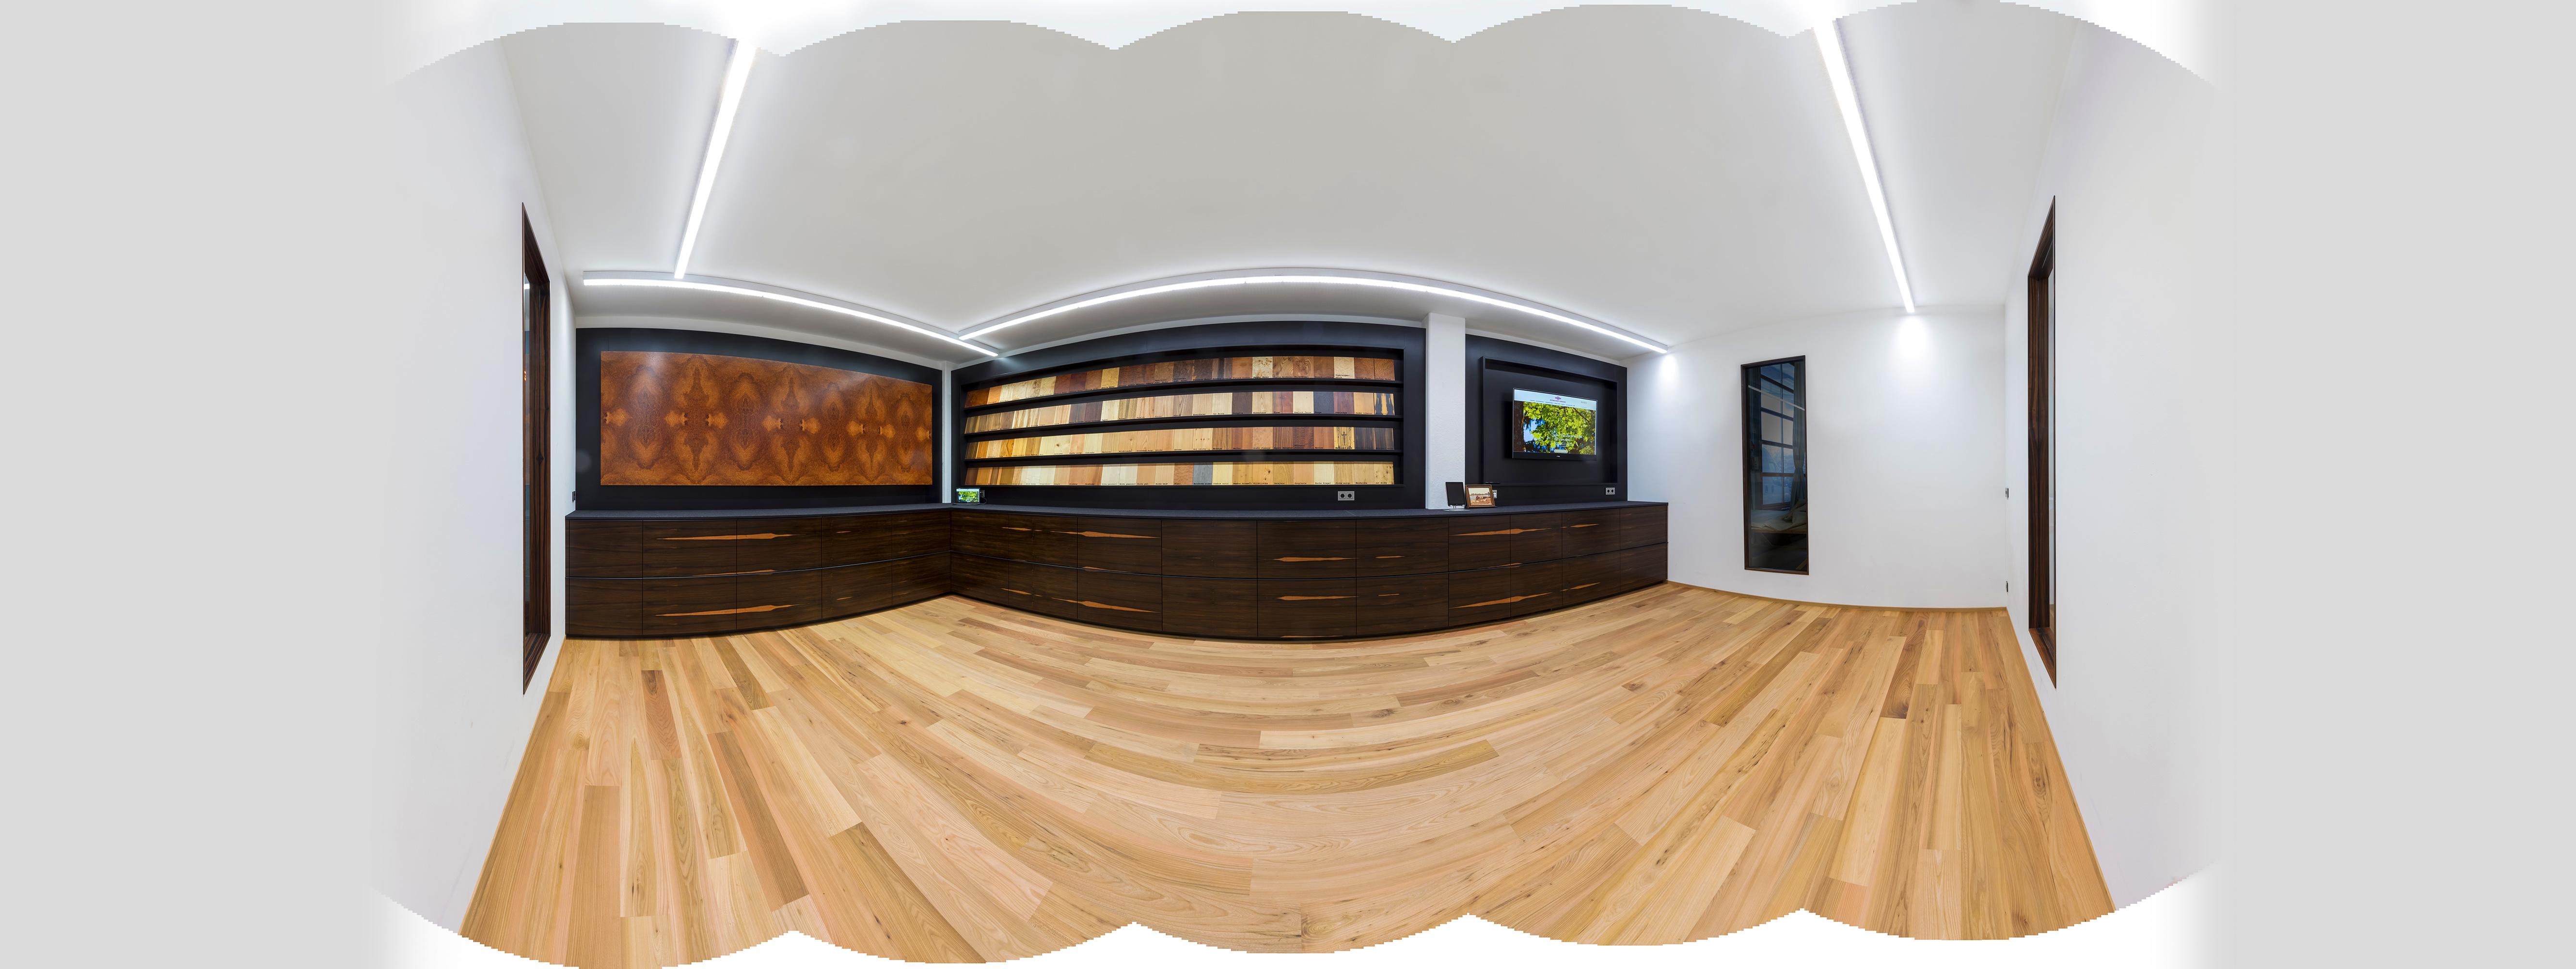 Furnier Ausstellungsraum 360°